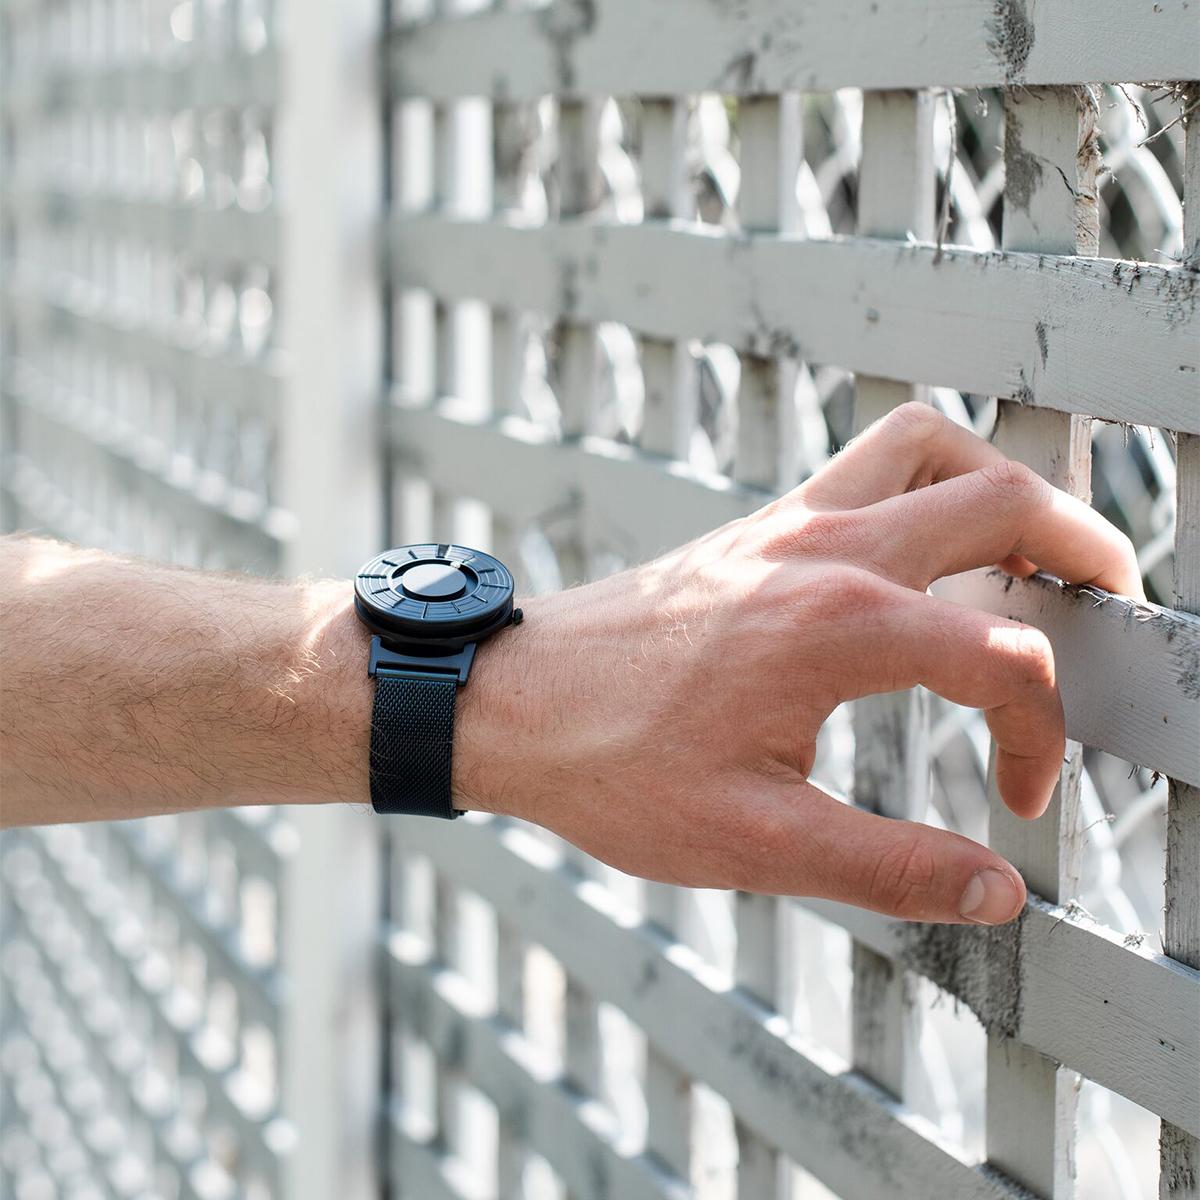 大切な人への贈り物にも好適な、誰もが似合うデザインと色の「触る時計」| EONE(COSMOS)